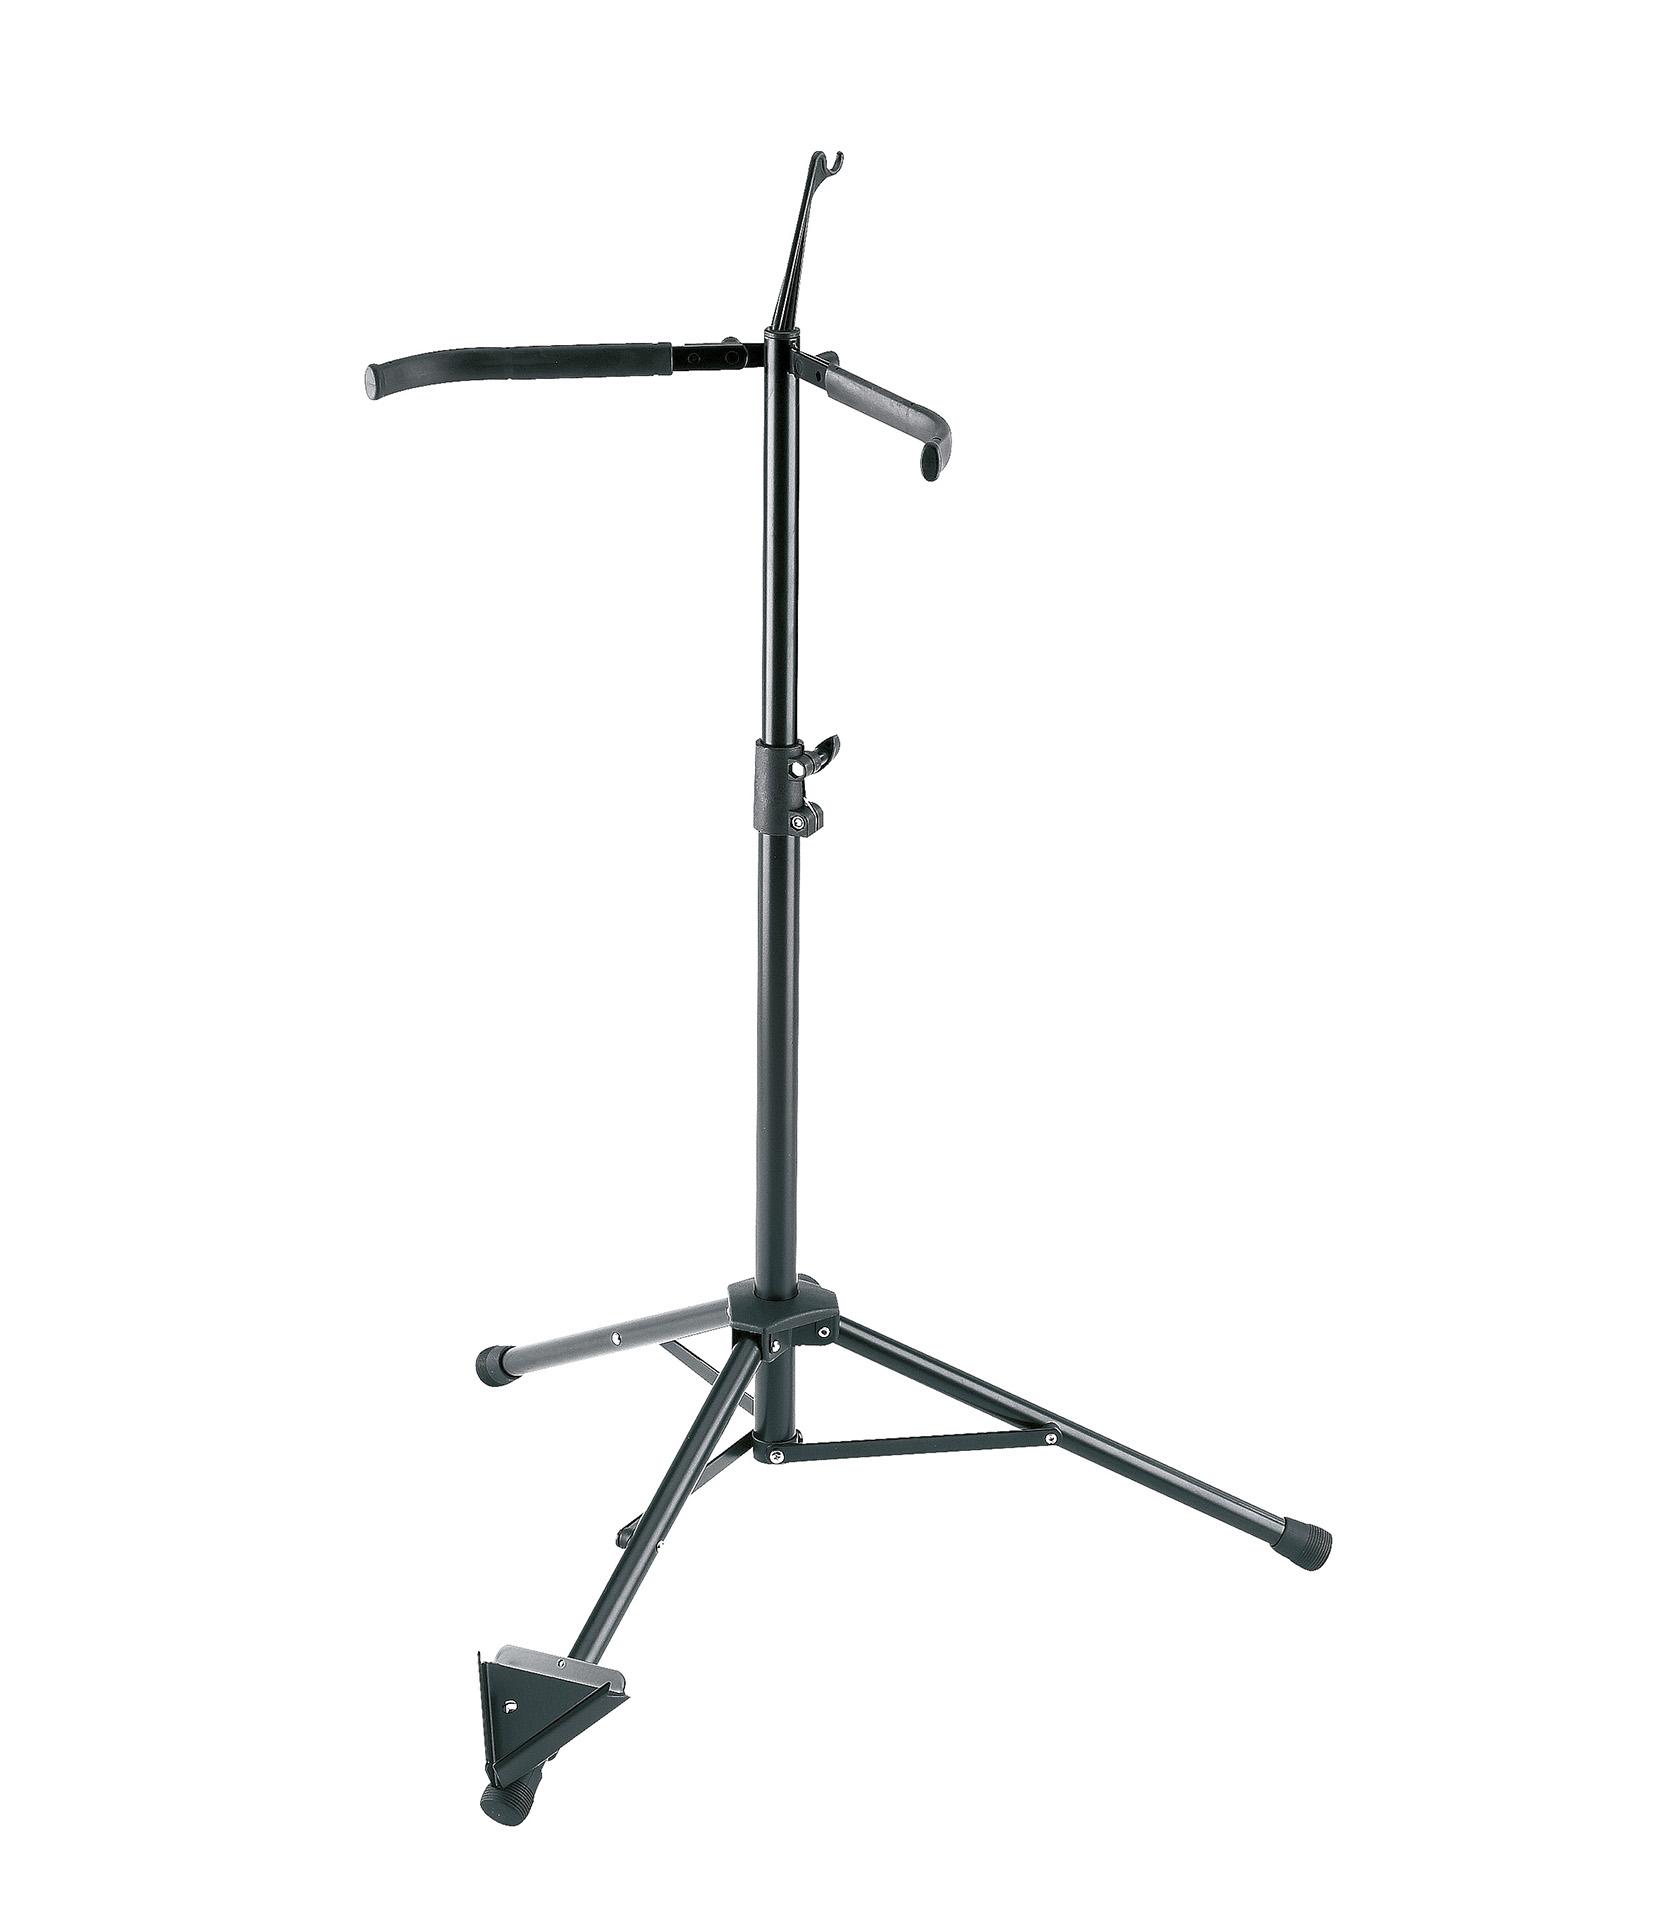 K&M - 14110 011 55 Cello standblack